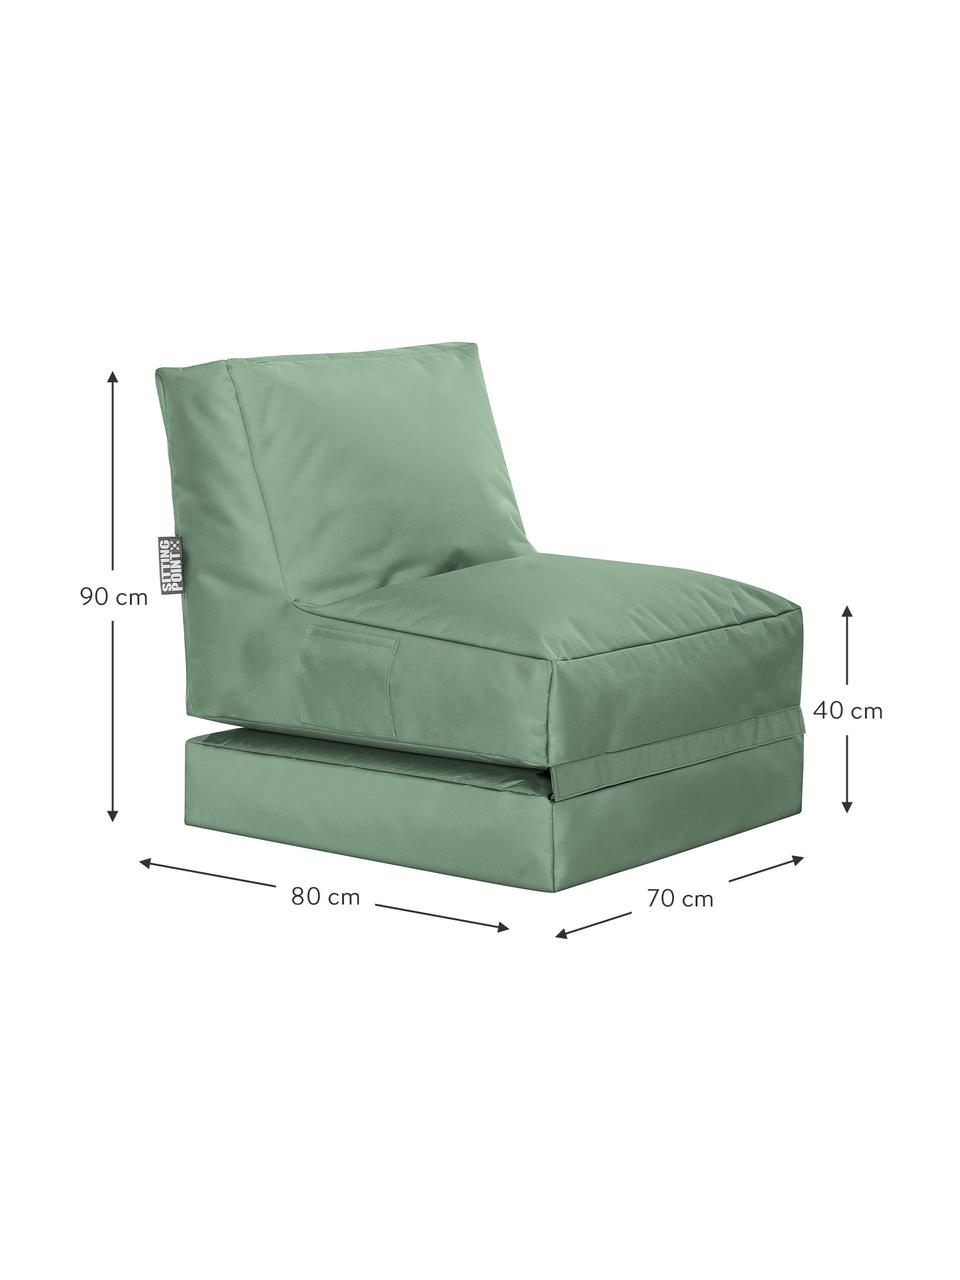 Garten-Loungesessel Pop Up mit Liegefunktion, Bezug: 100% Polyester Innenseite, Salbeigrün, B 70 x T 90 cm